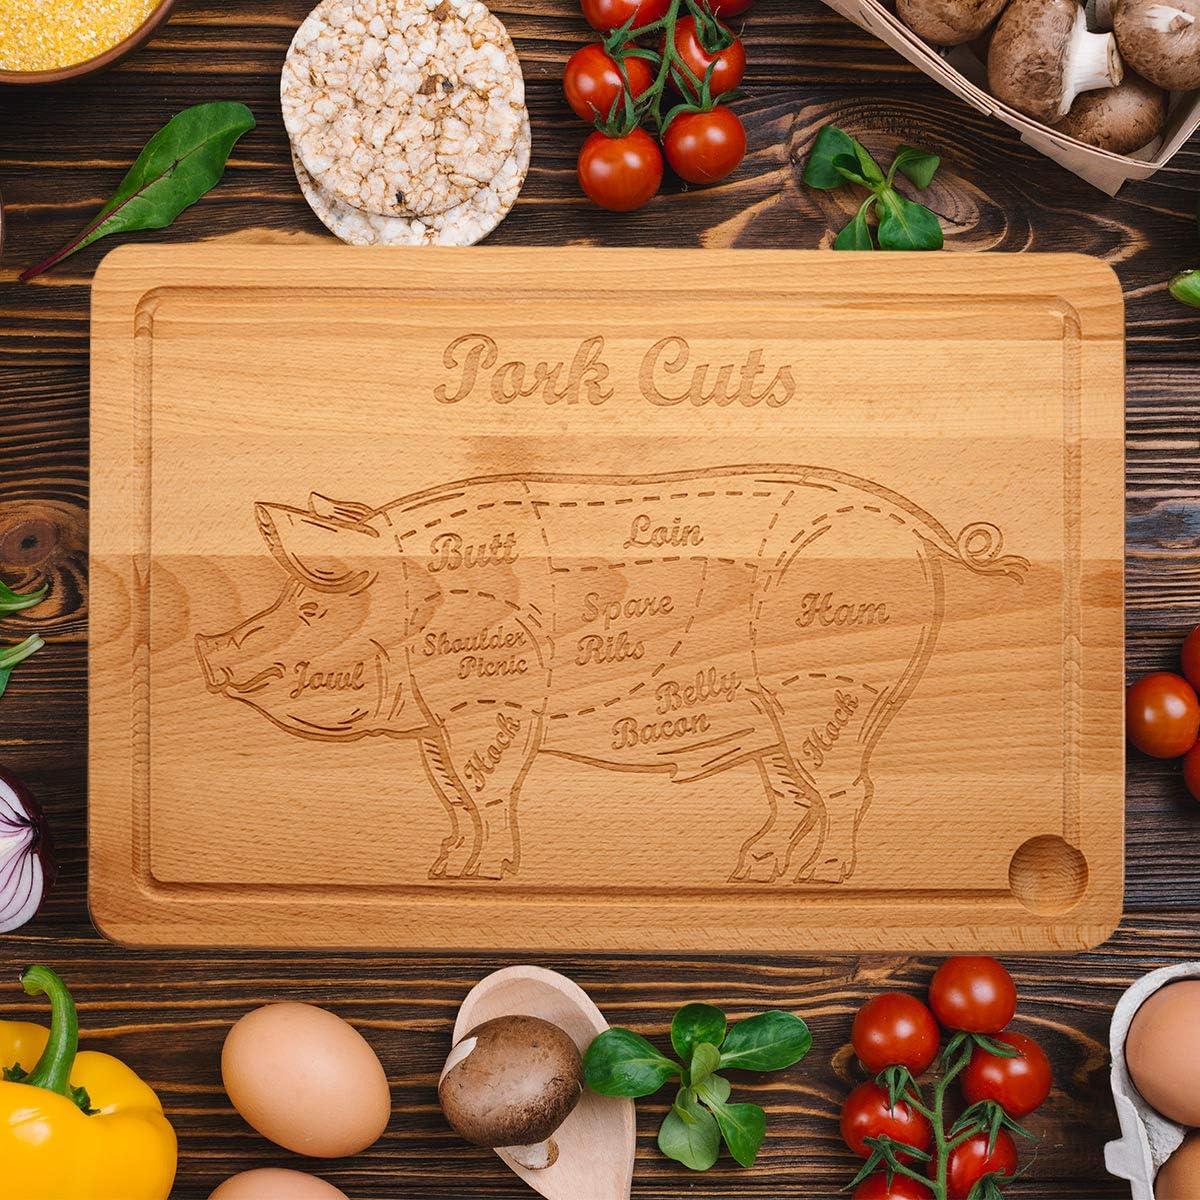 Spruchreif PREMIUM QUALIT/ÄT 100/% EMOTIONAL Tabla de cortar XXL de madera con grabado /· Tabla de cocina /· Tabla de madera con grabado /· Regalo para hombres barbacoa /· Beef Cuts /· Cortes de Pork Cuts